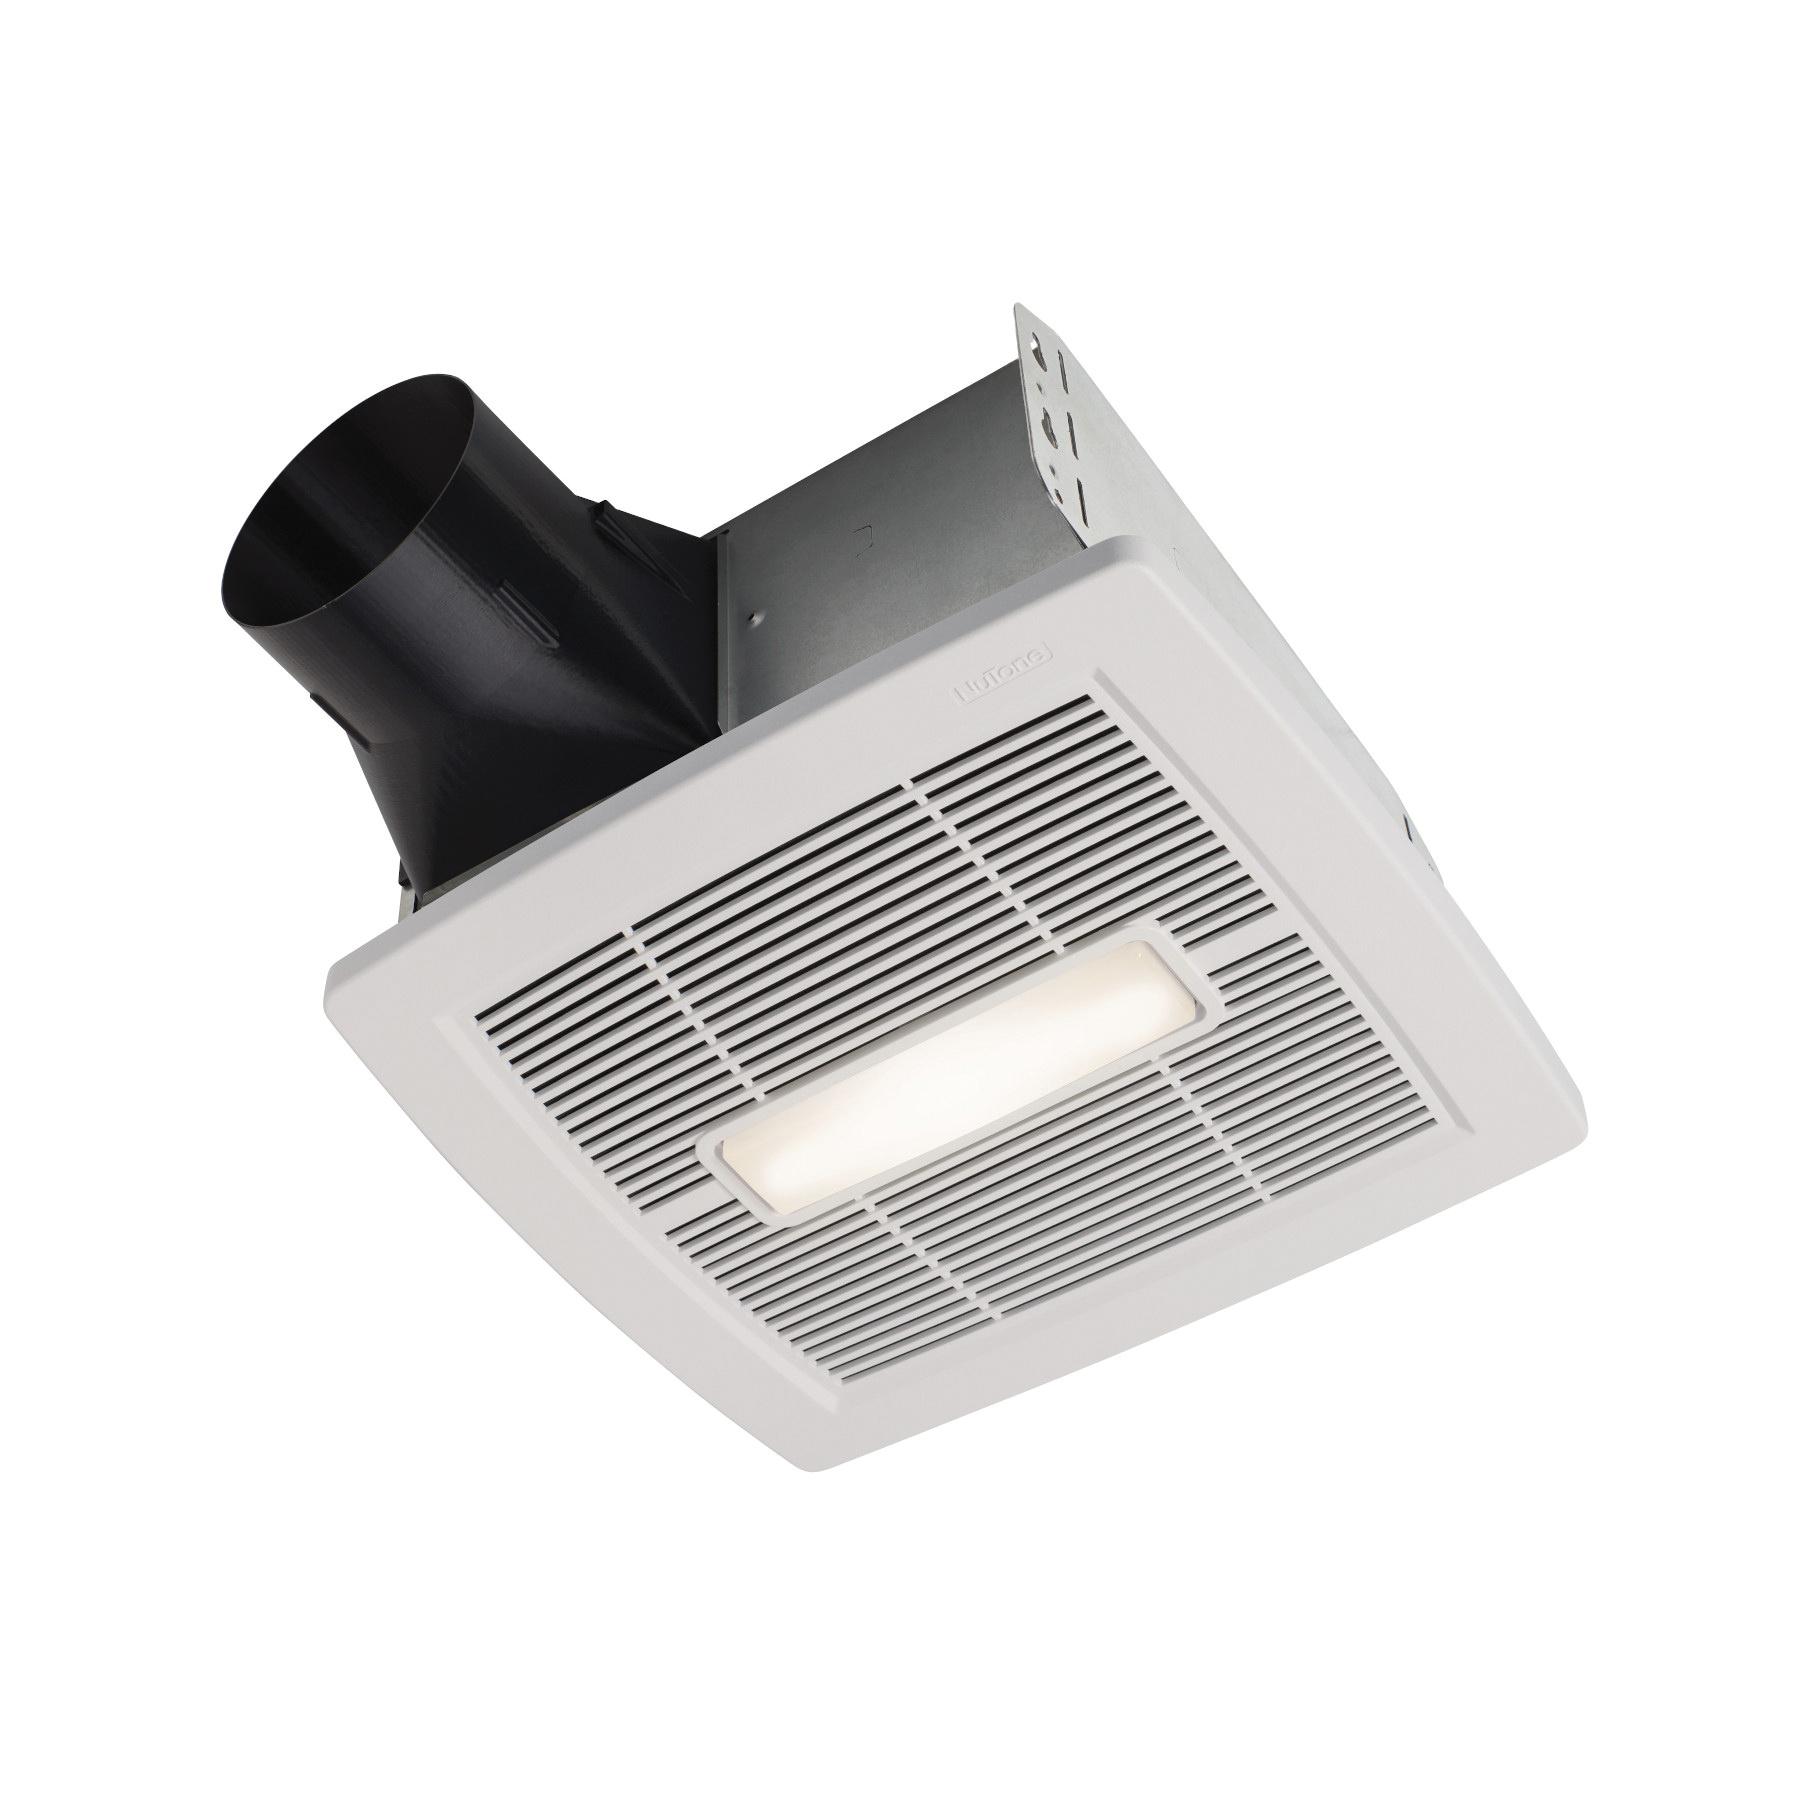 Nutone Aen80bl Bathroom Exhaust Fan